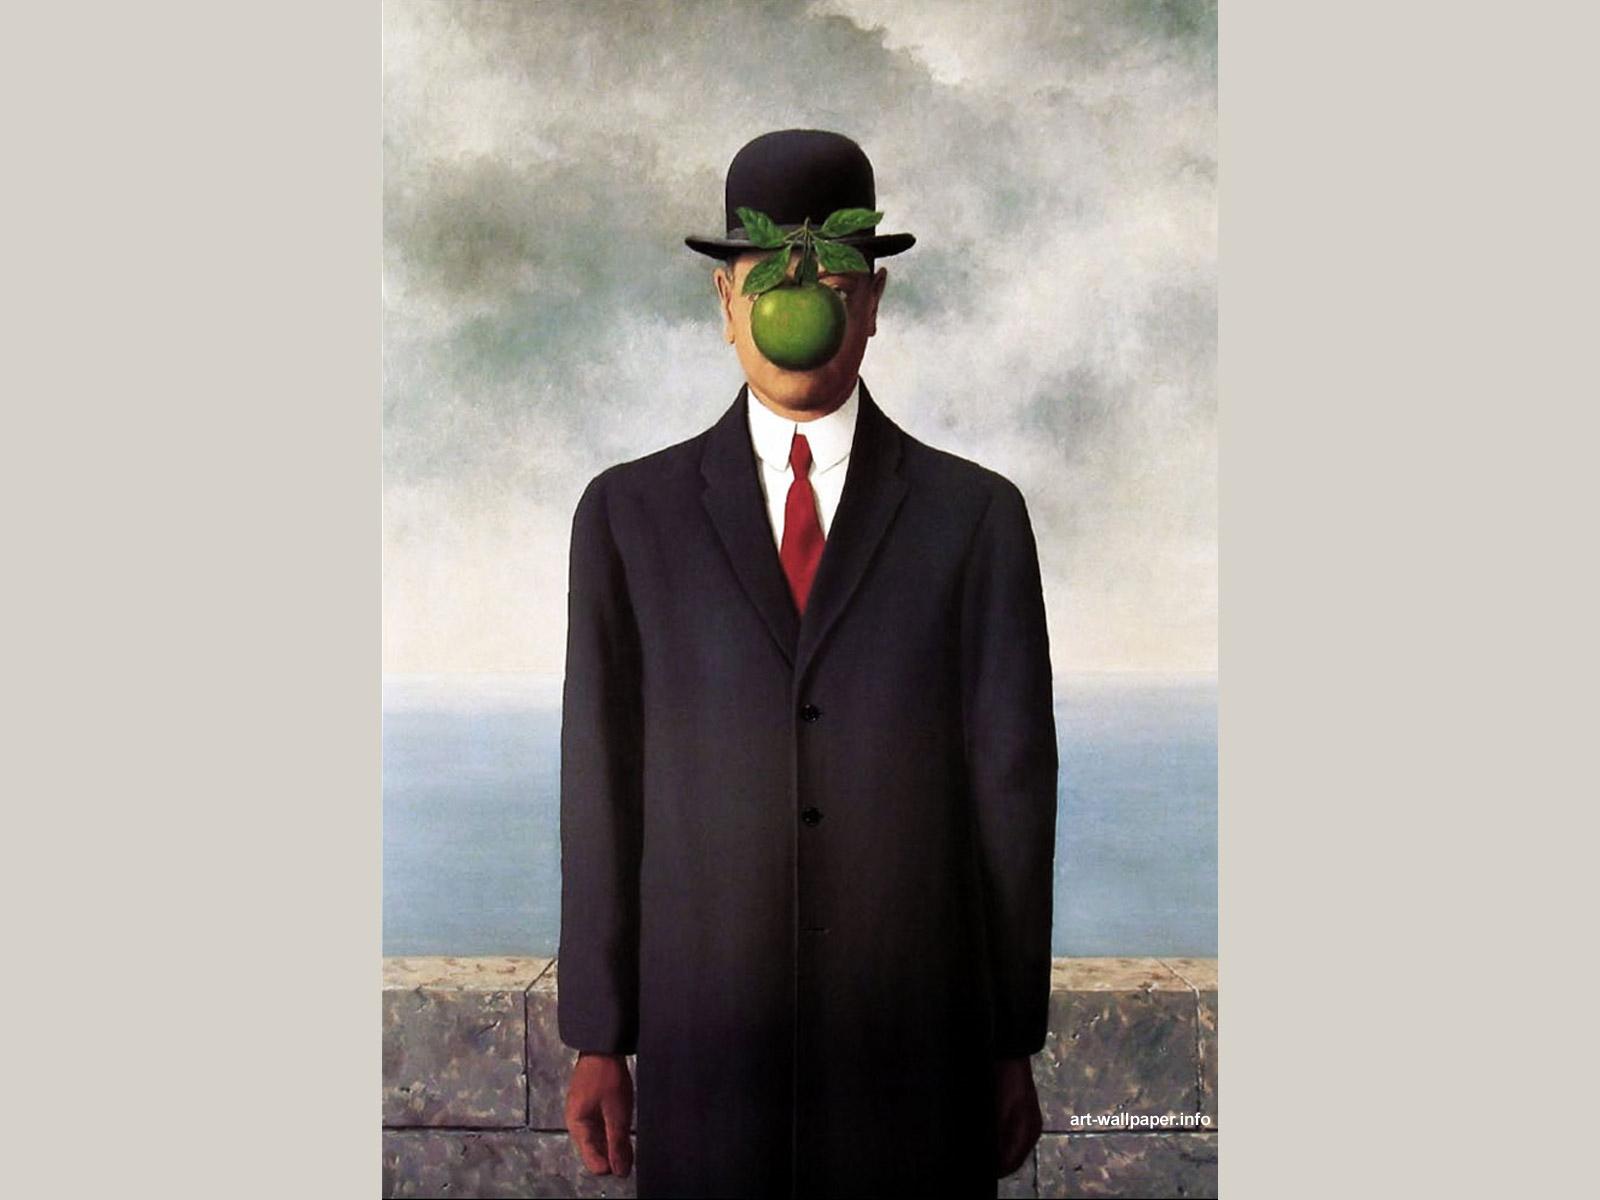 Rene Magritte Wallpapers Rene Magritte Art Painitng Wallpaper 1600x1200